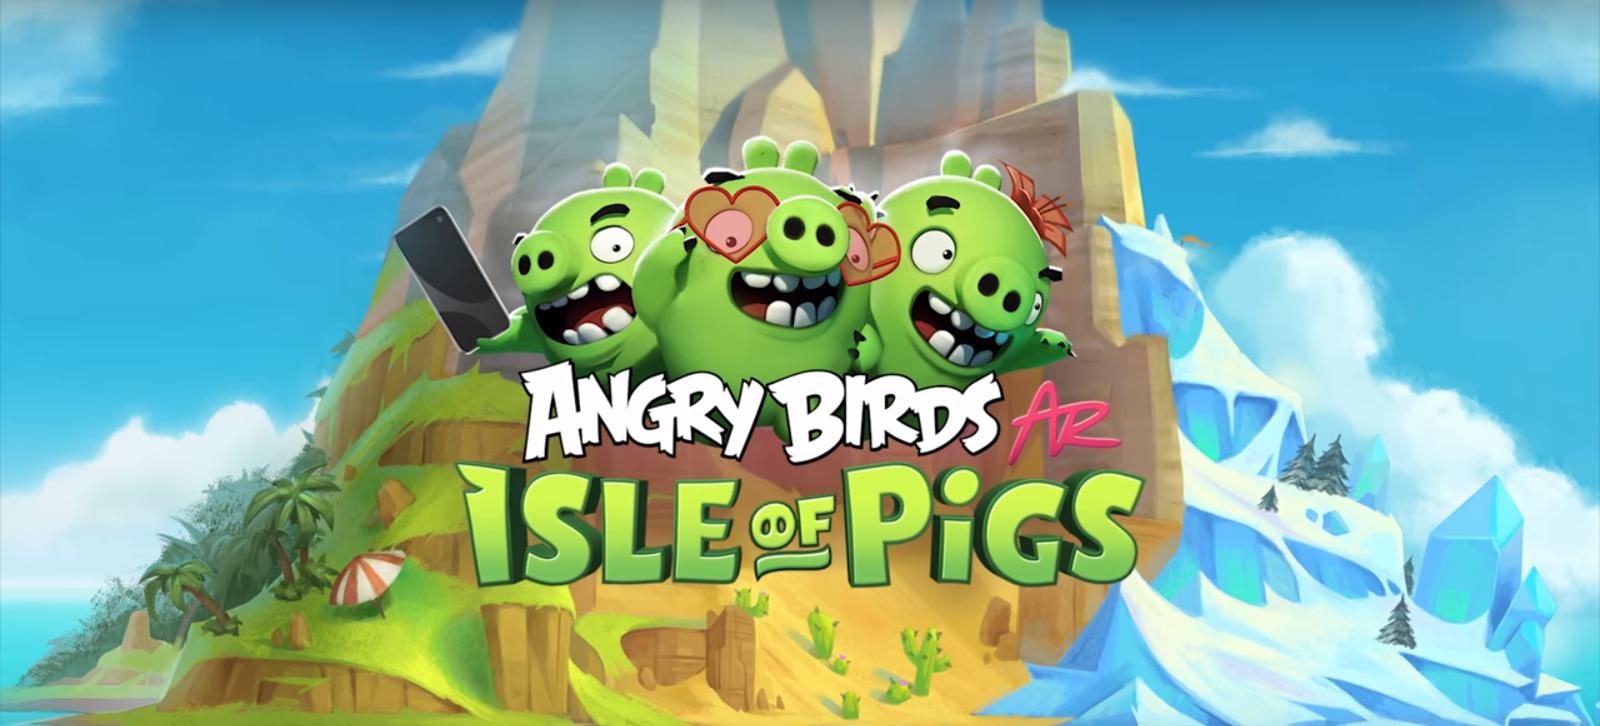 Angry Birds passe à la réalité augmentée, mais uniquement sur iOS